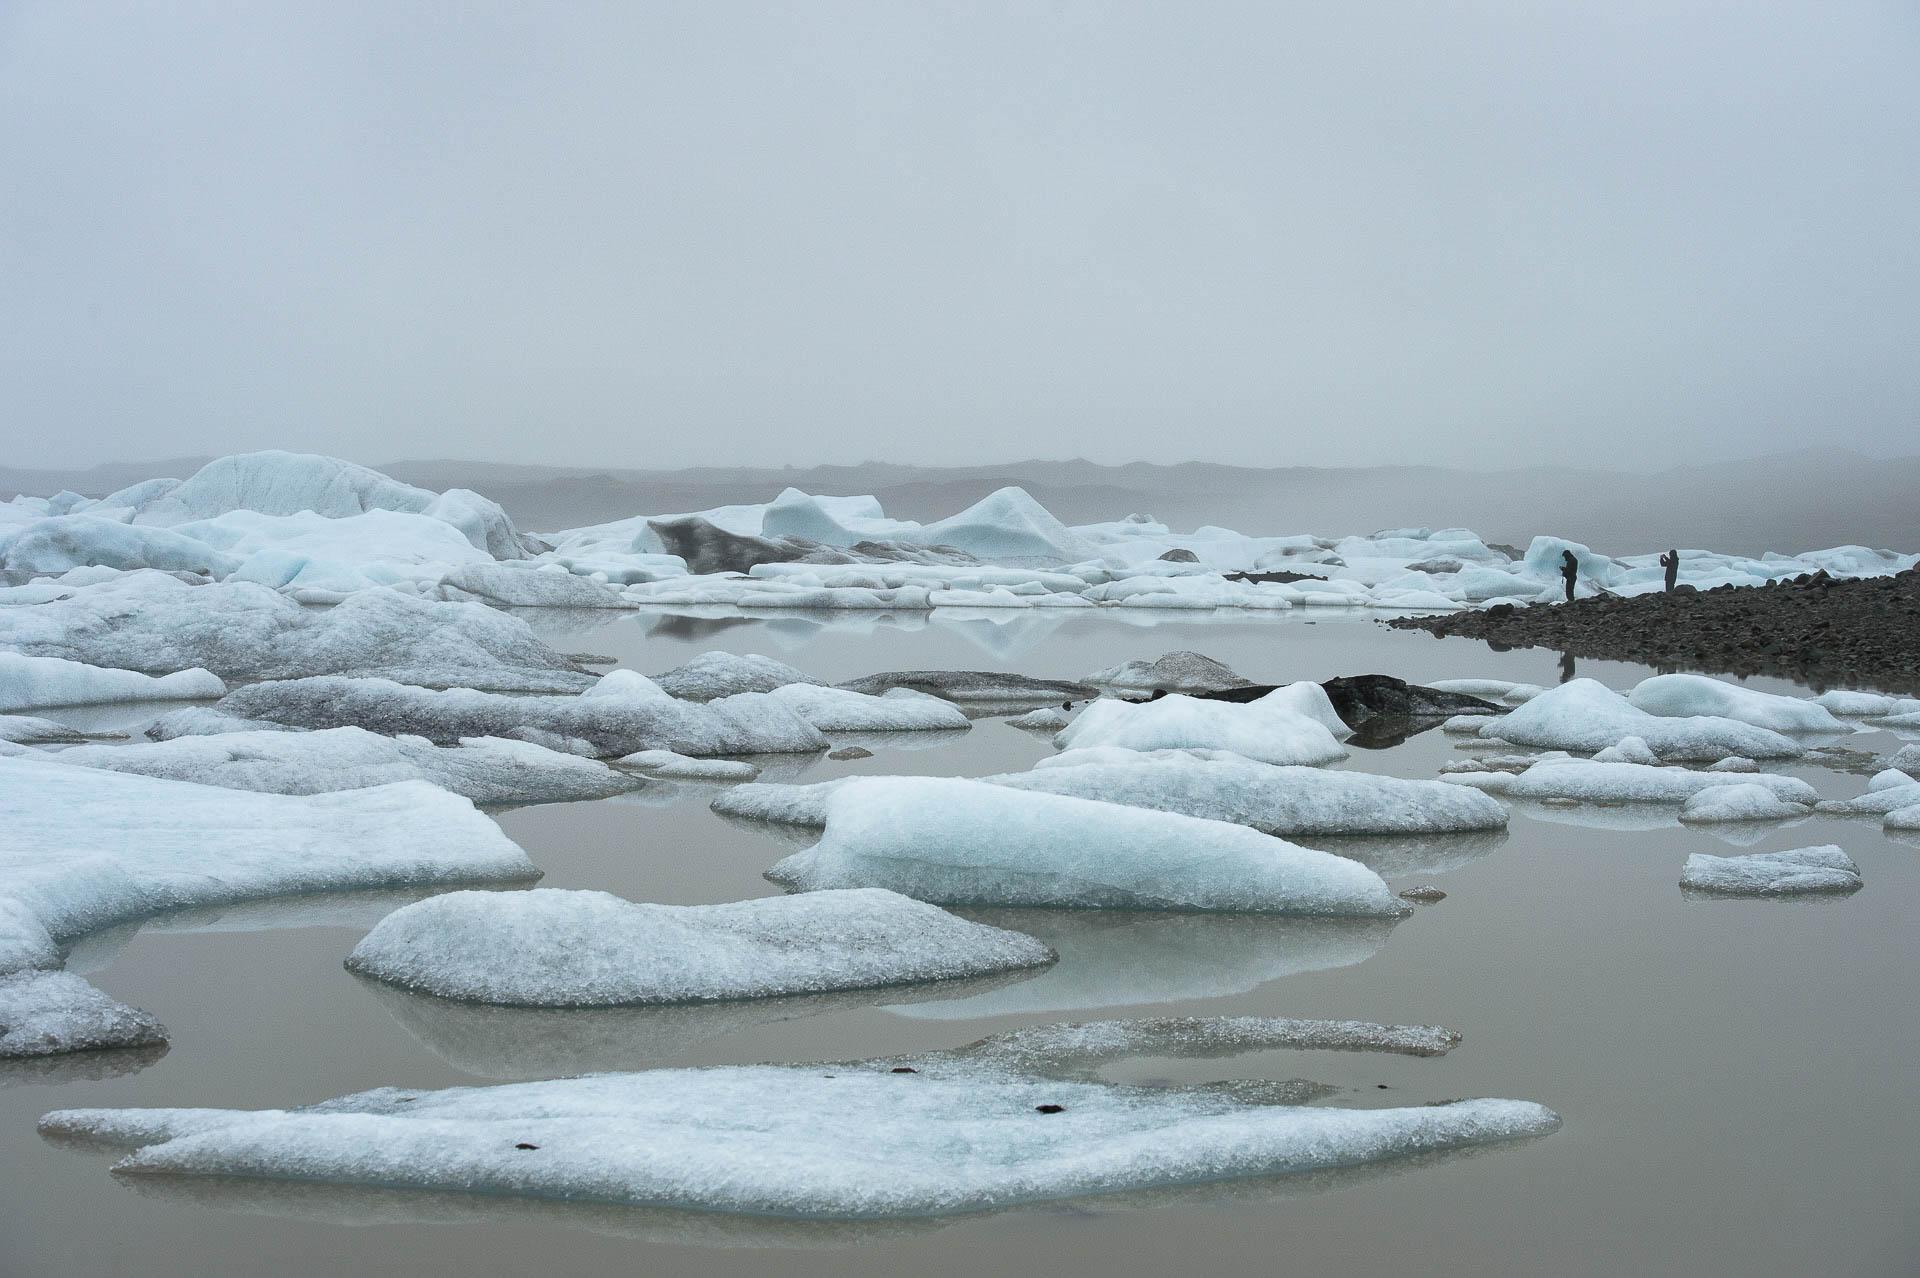 Fotostory von Redeleit und Junker mit Eindrücken aus Island - Gletschersee mit Eisschollen auf Island